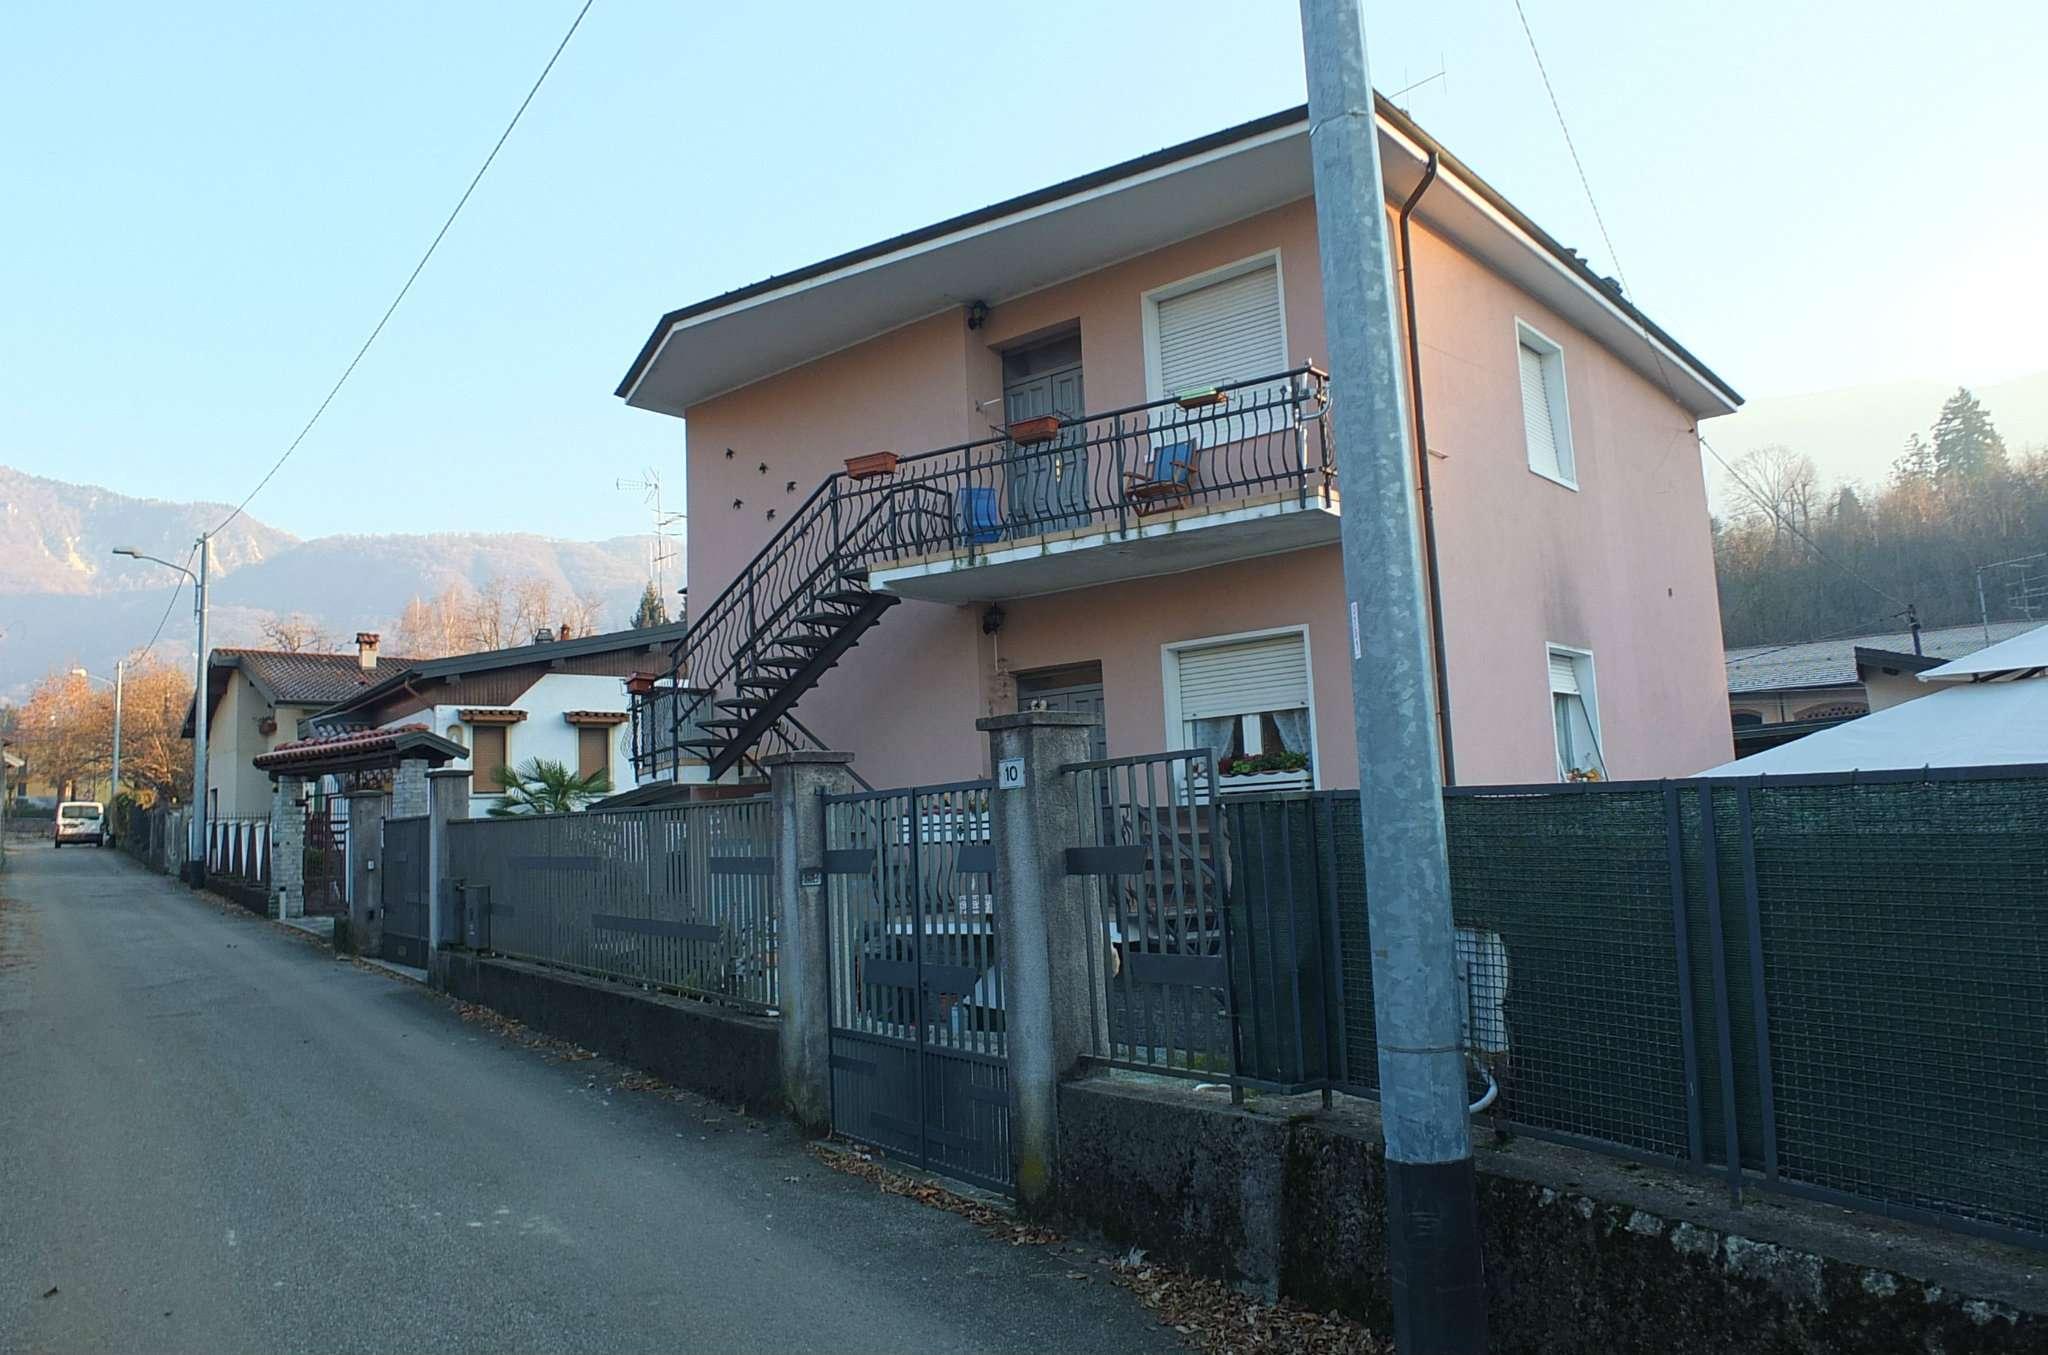 Soluzione Indipendente in vendita a Porto Valtravaglia, 6 locali, prezzo € 320.000 | CambioCasa.it